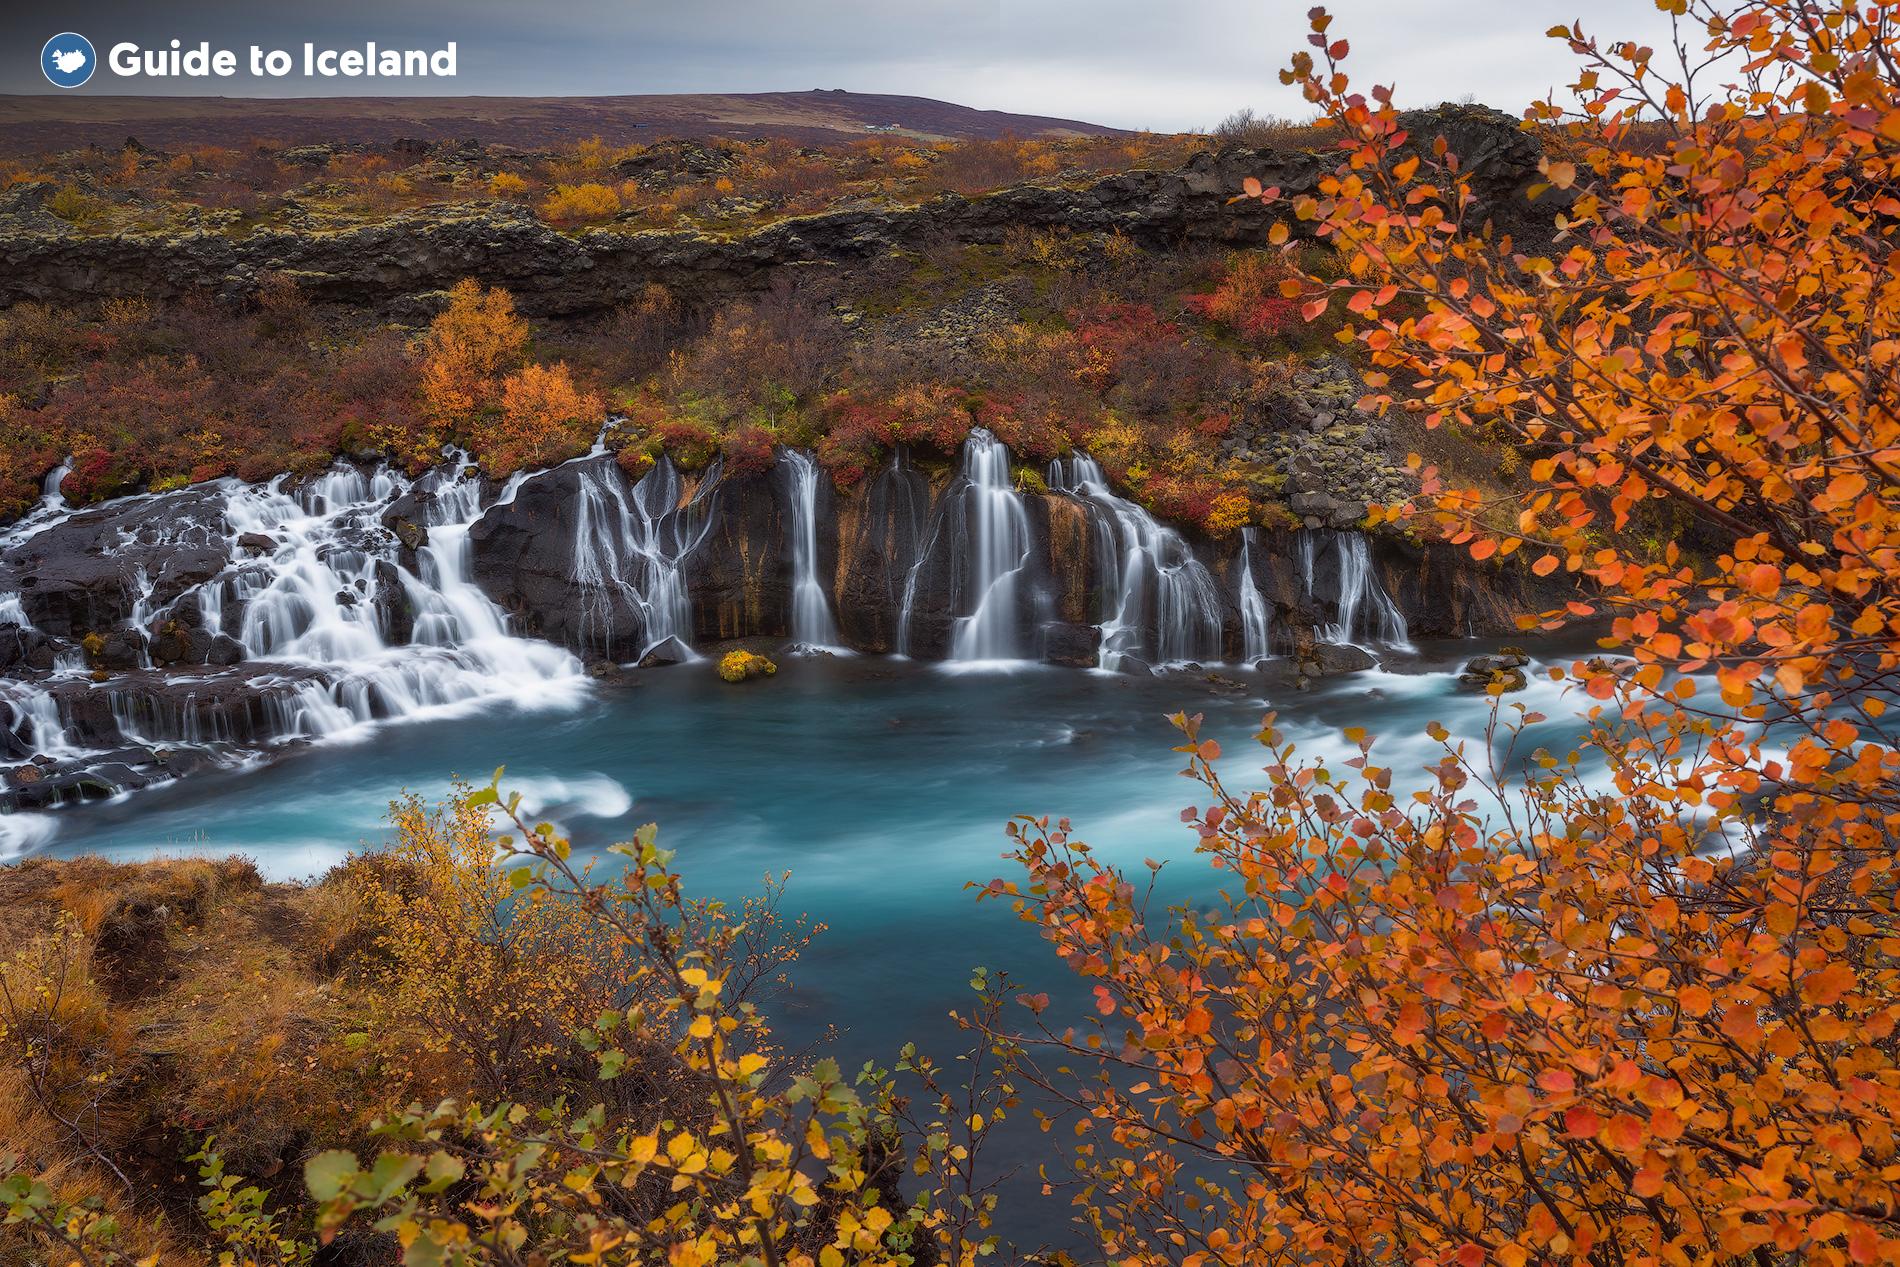 7-дневный зимний автотур | Золотое кольцо и Северная Исландия - day 5